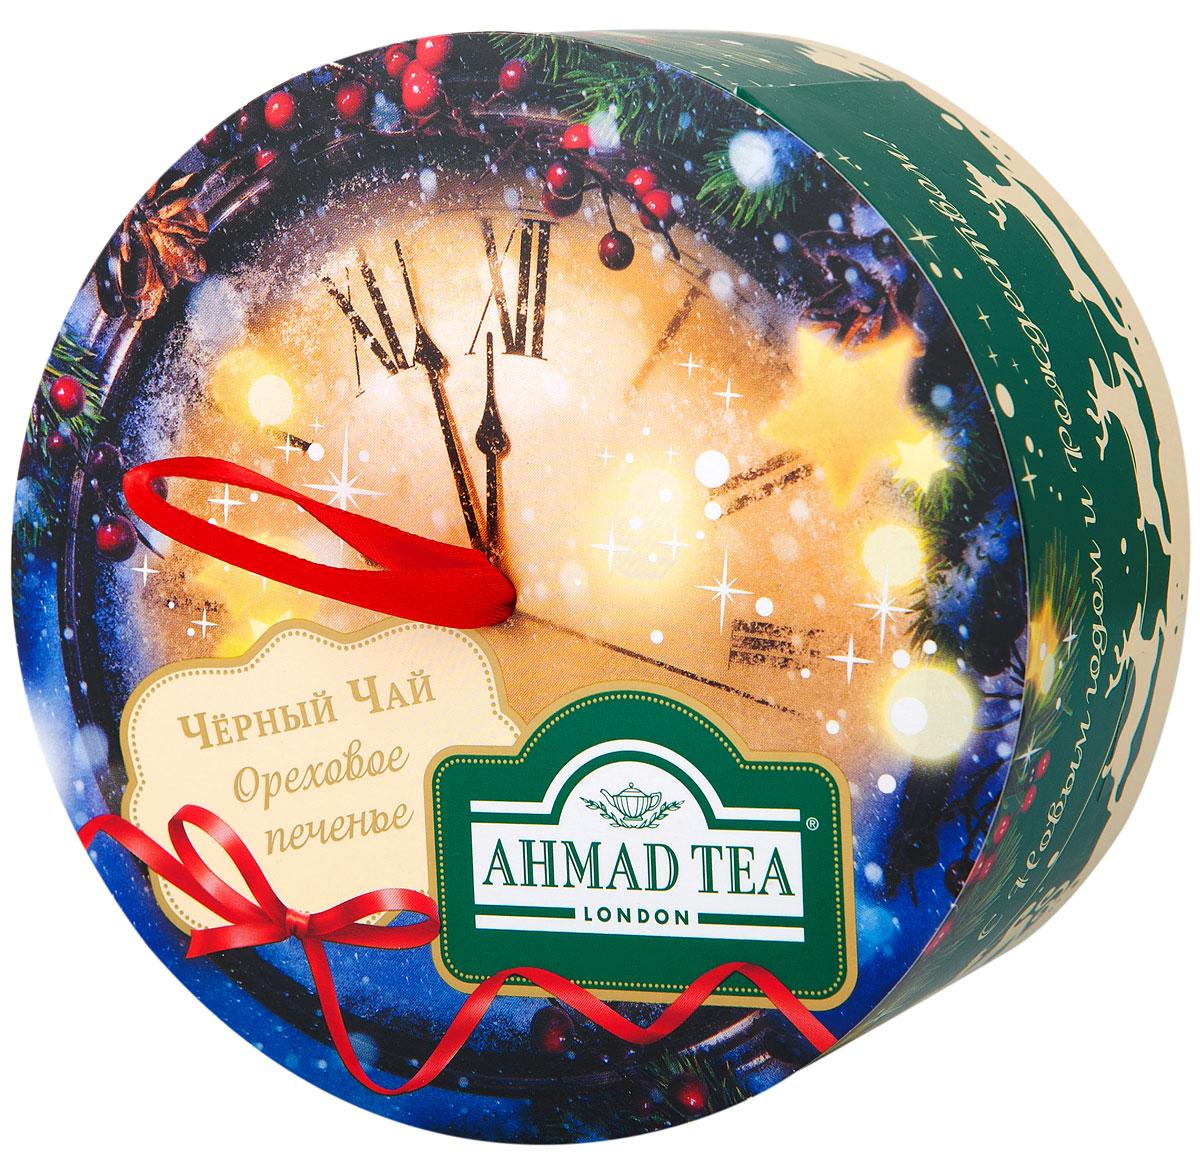 Ahmad Tea Новогодняя ночь черный листовой чай с лесным орехом, 60 гN068Чай черный байховый листовой Новогодняя ночь со вкусом и ароматом орехового печенья.Благородный вкус черного чая с высокогорных плантаций Индии и Цейлона приобретает особенную выразительность в сочетании с тонким ореховым послевкусием. Сладкая нота лесного ореха смягчает классическую терпкость черного чая и придает десертное звучание этому изысканному купажу.